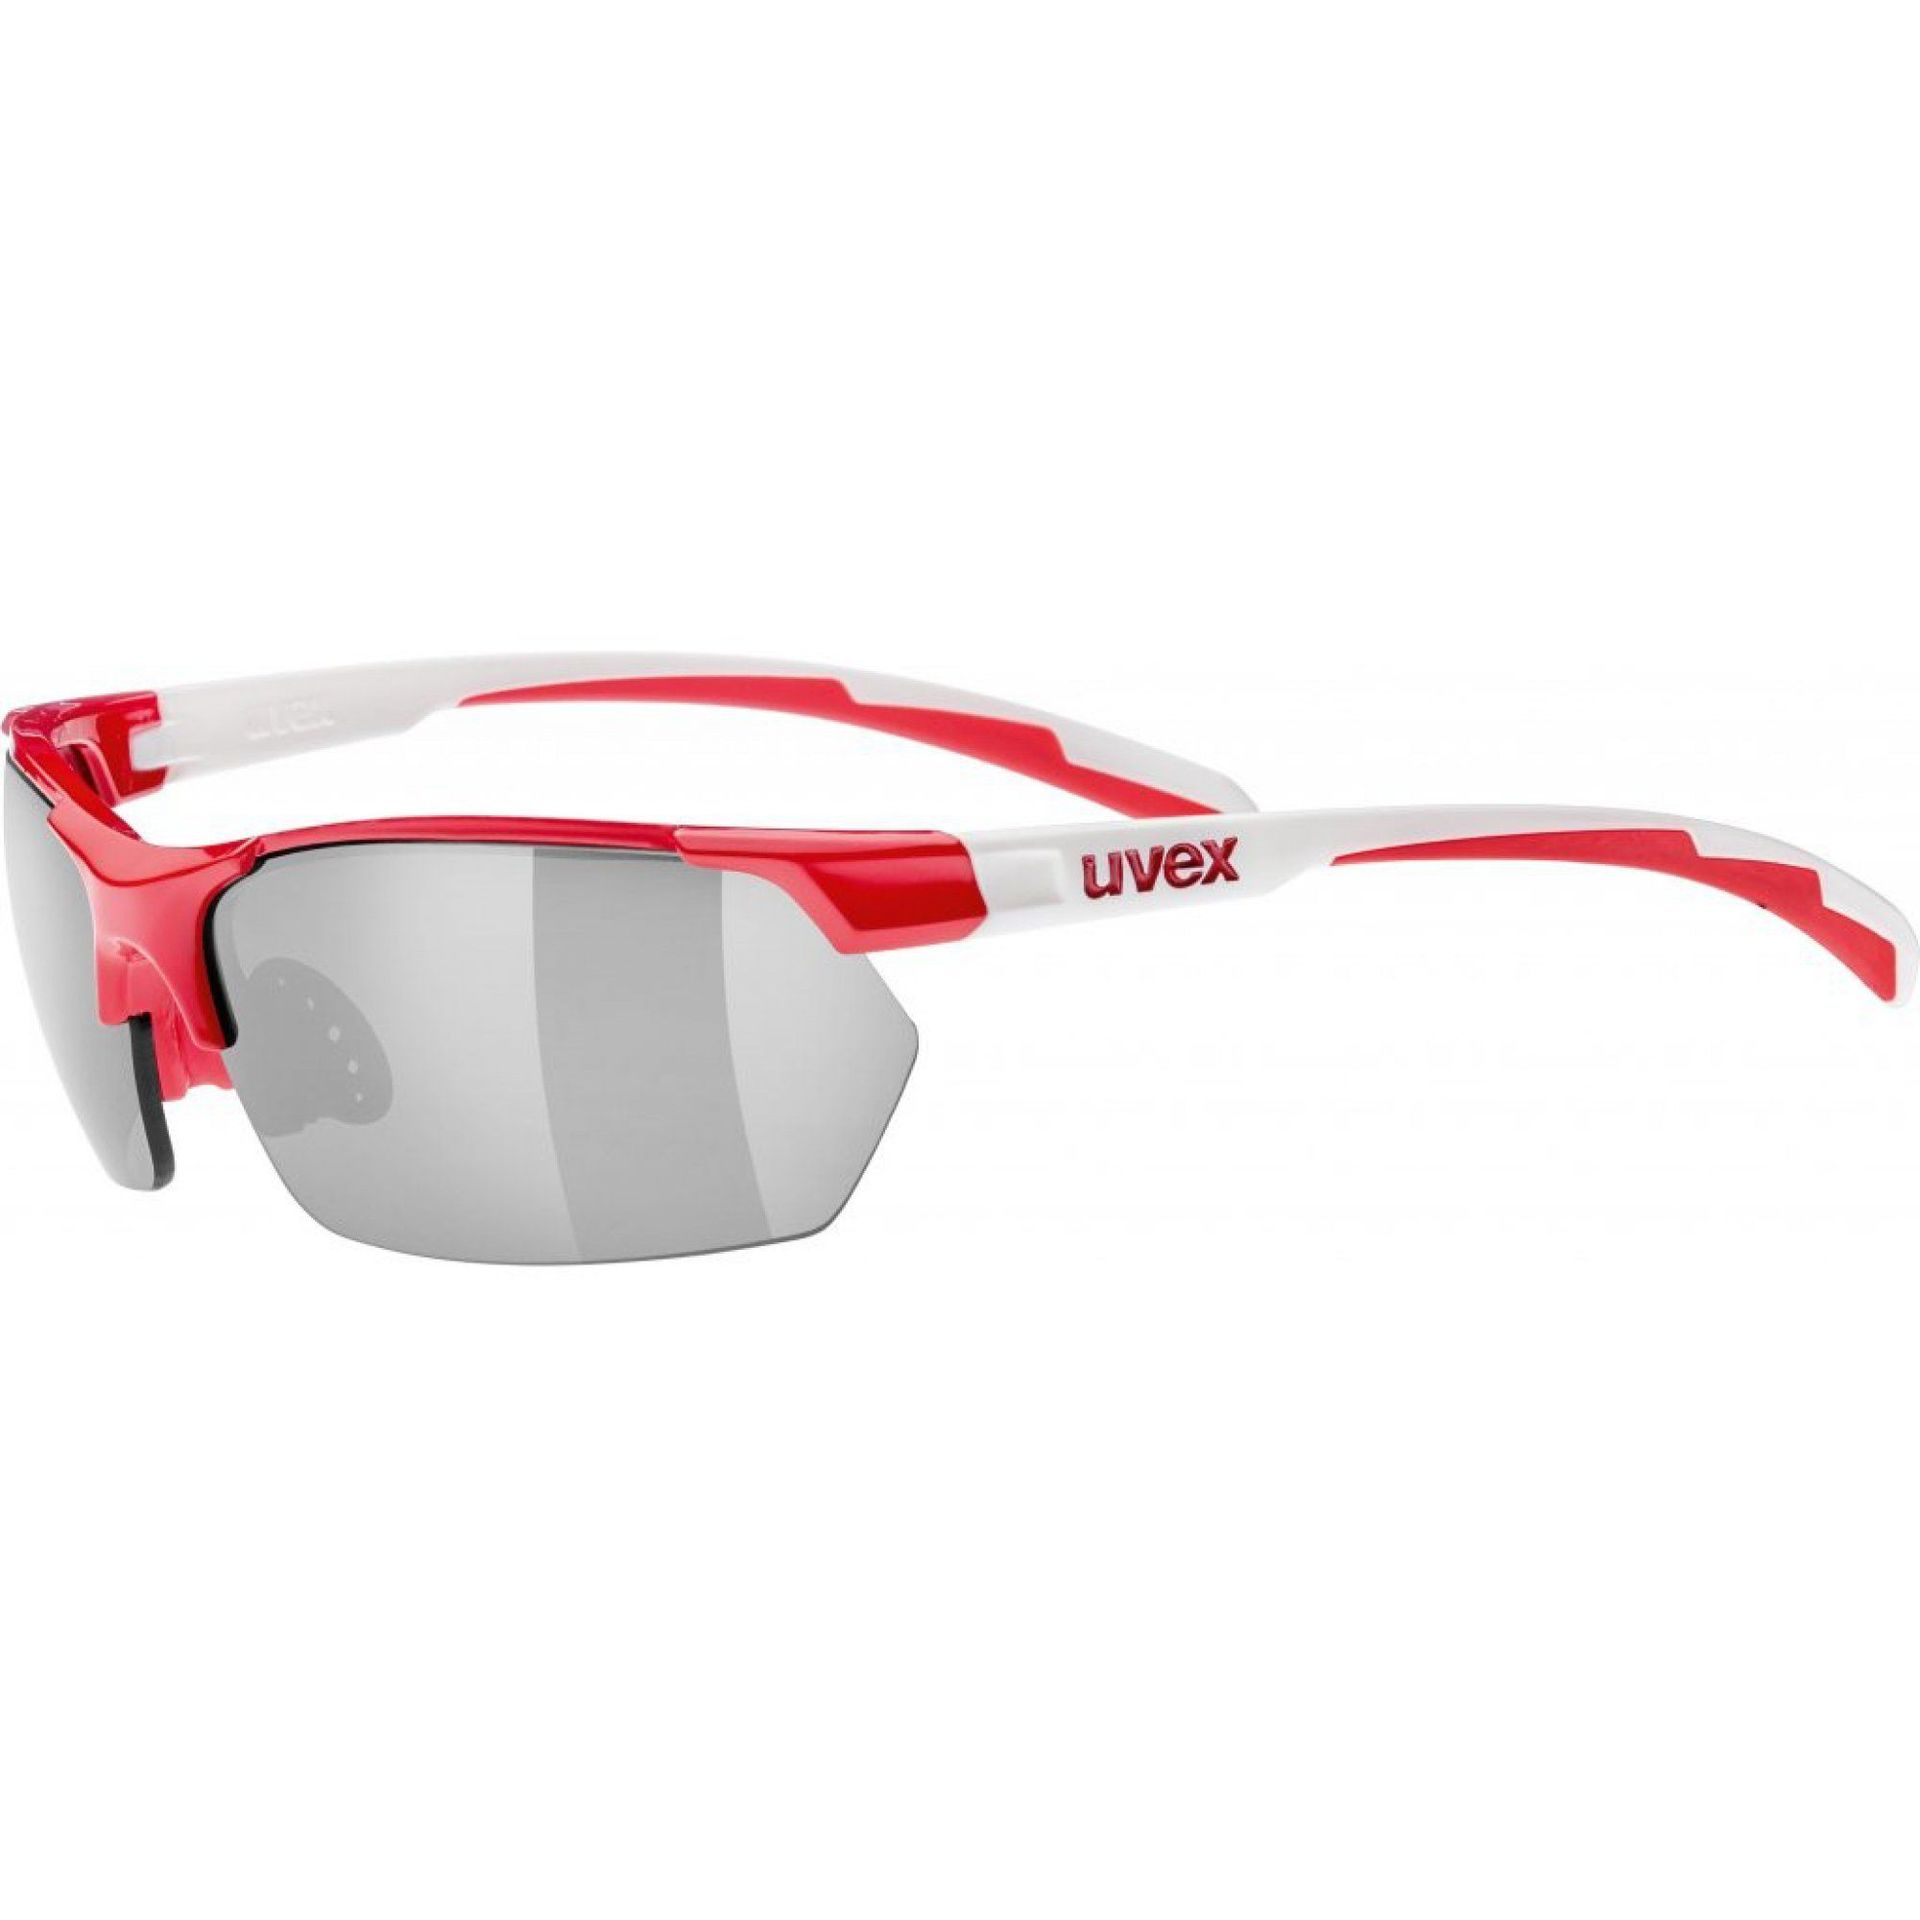 OKULARY UVEX SPORTSTYLE 114 RED WHITE